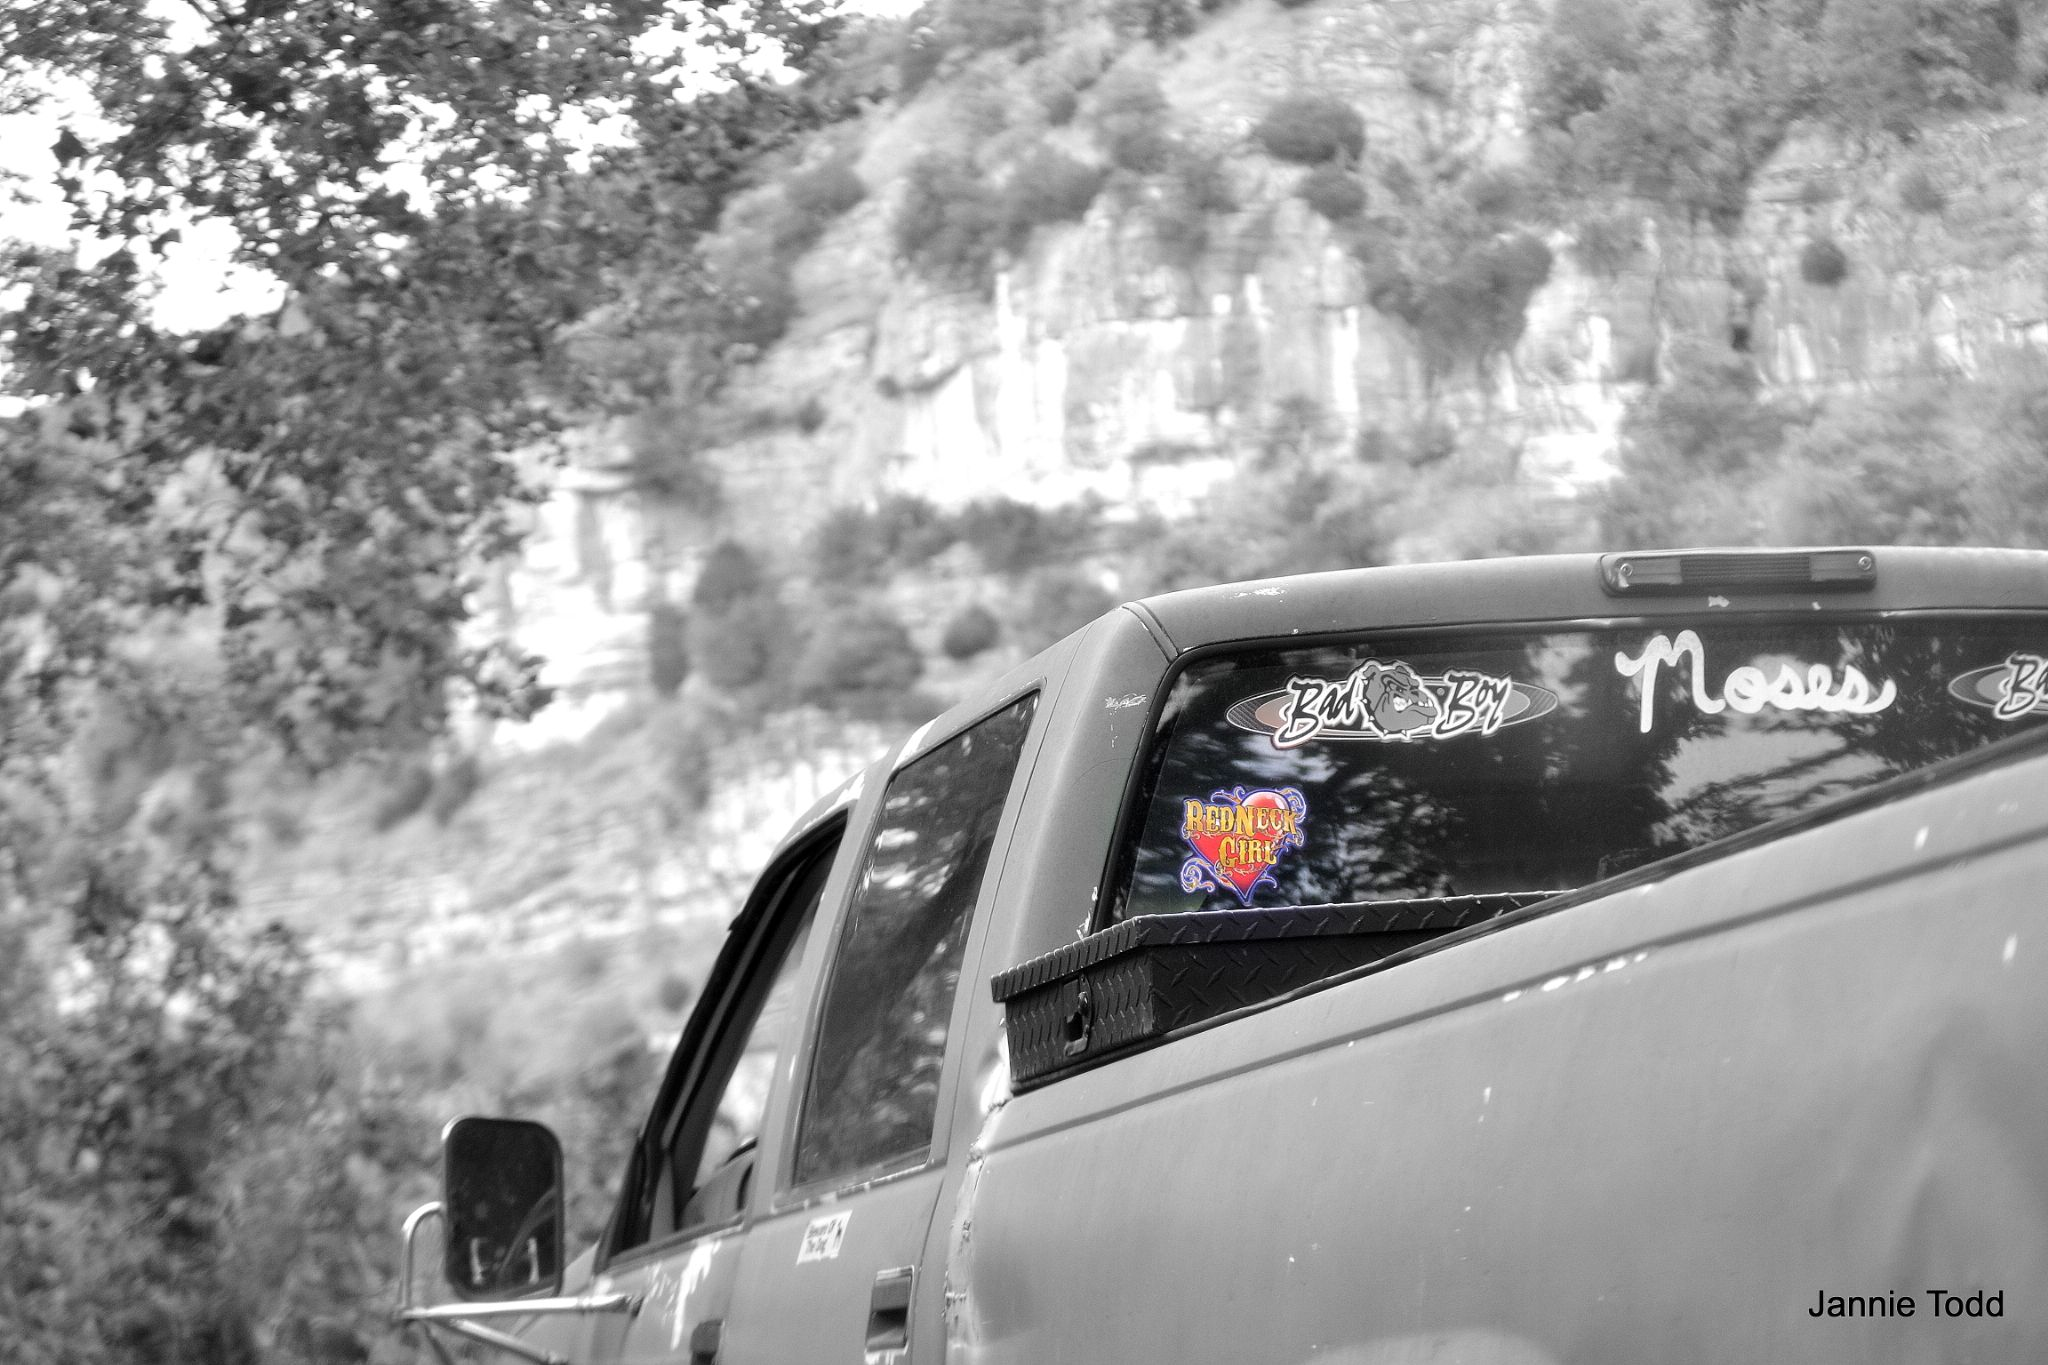 Redneck Girls Truck by jannie.todd